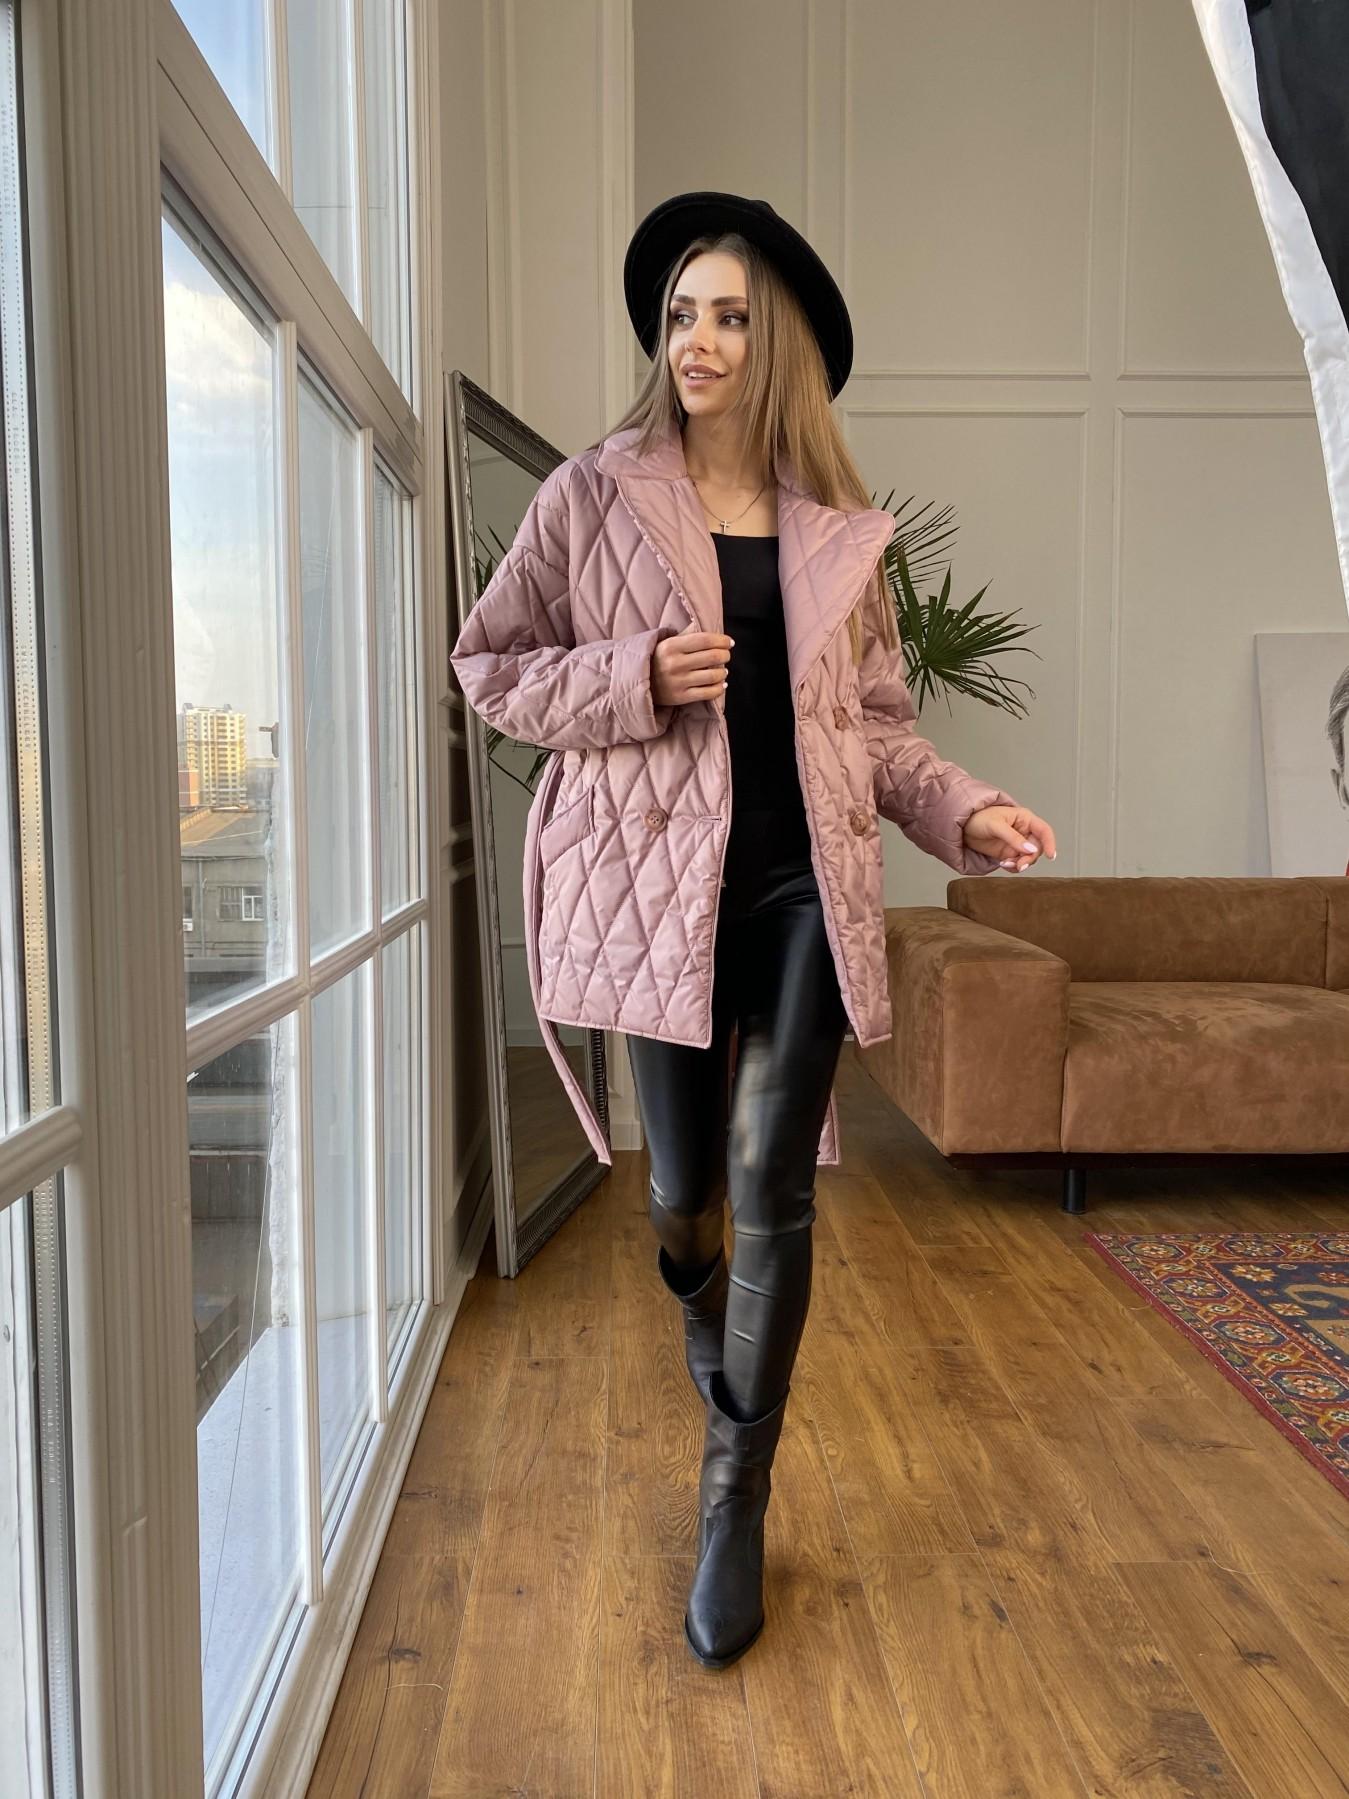 Норд куртка из плащевой ткани стеганая 10883 АРТ. 47465 Цвет: Пудра - фото 7, интернет магазин tm-modus.ru